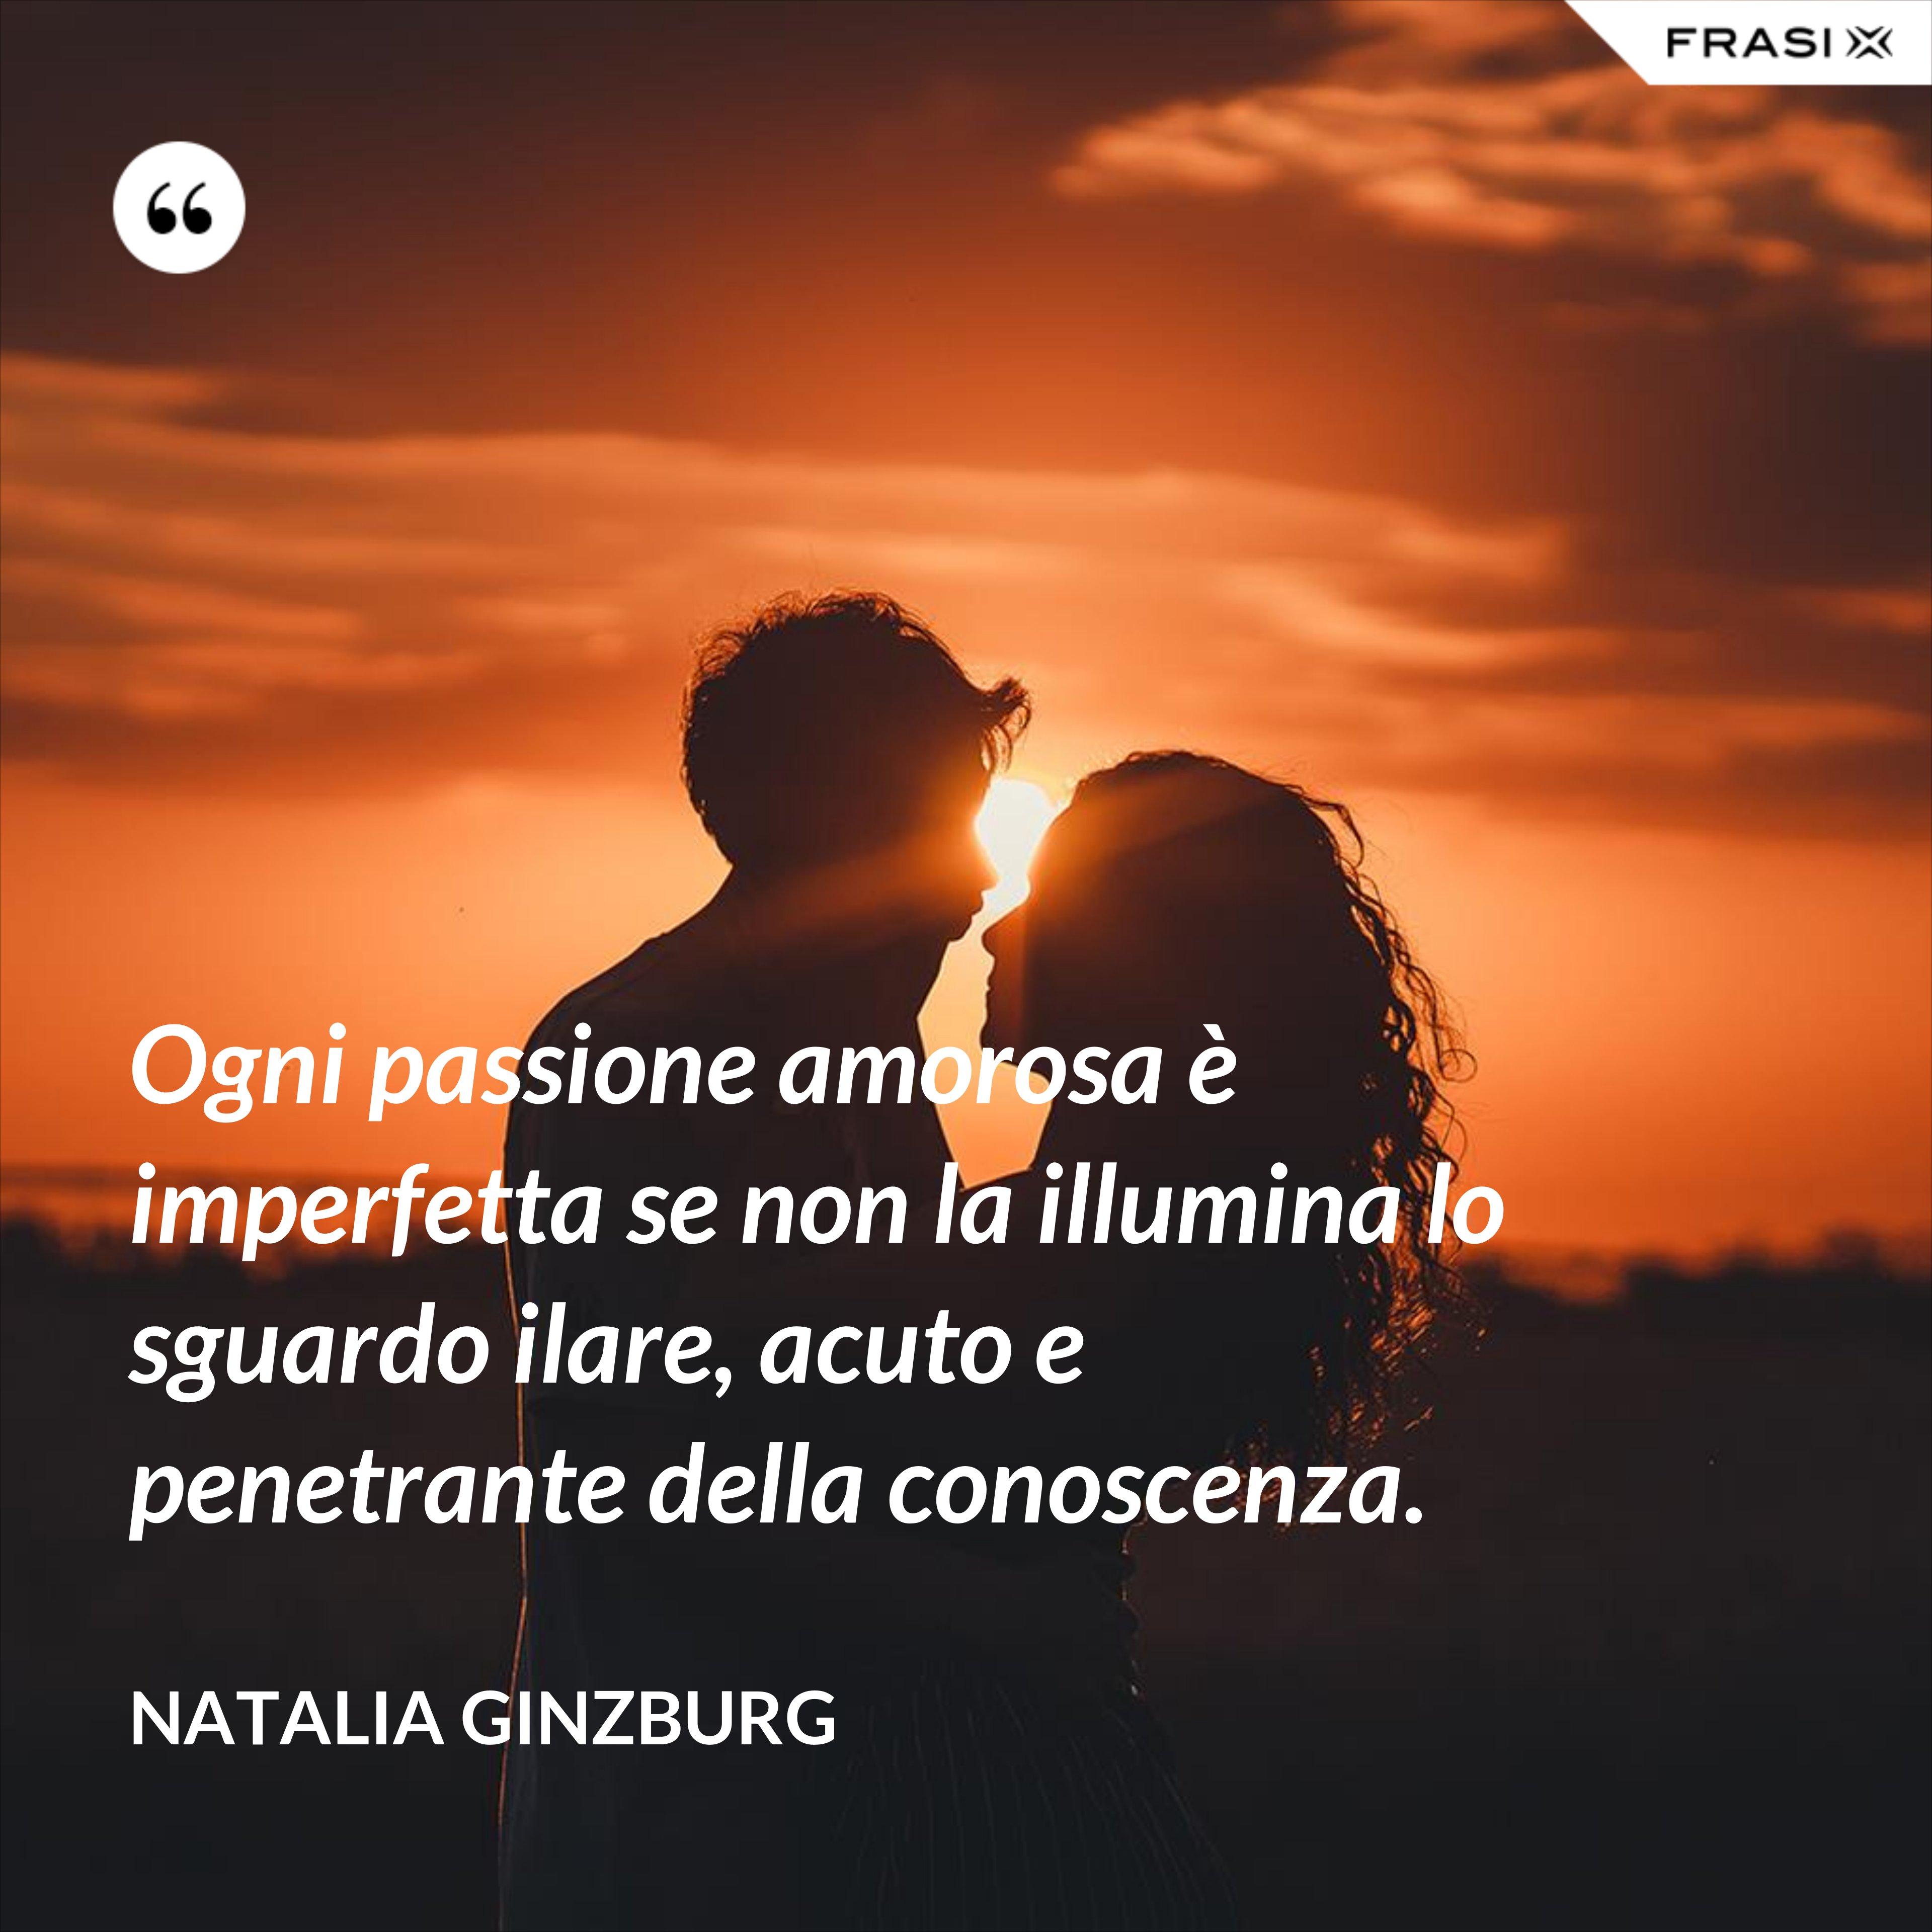 Ogni passione amorosa è imperfetta se non la illumina lo sguardo ilare, acuto e penetrante della conoscenza. - Natalia Ginzburg